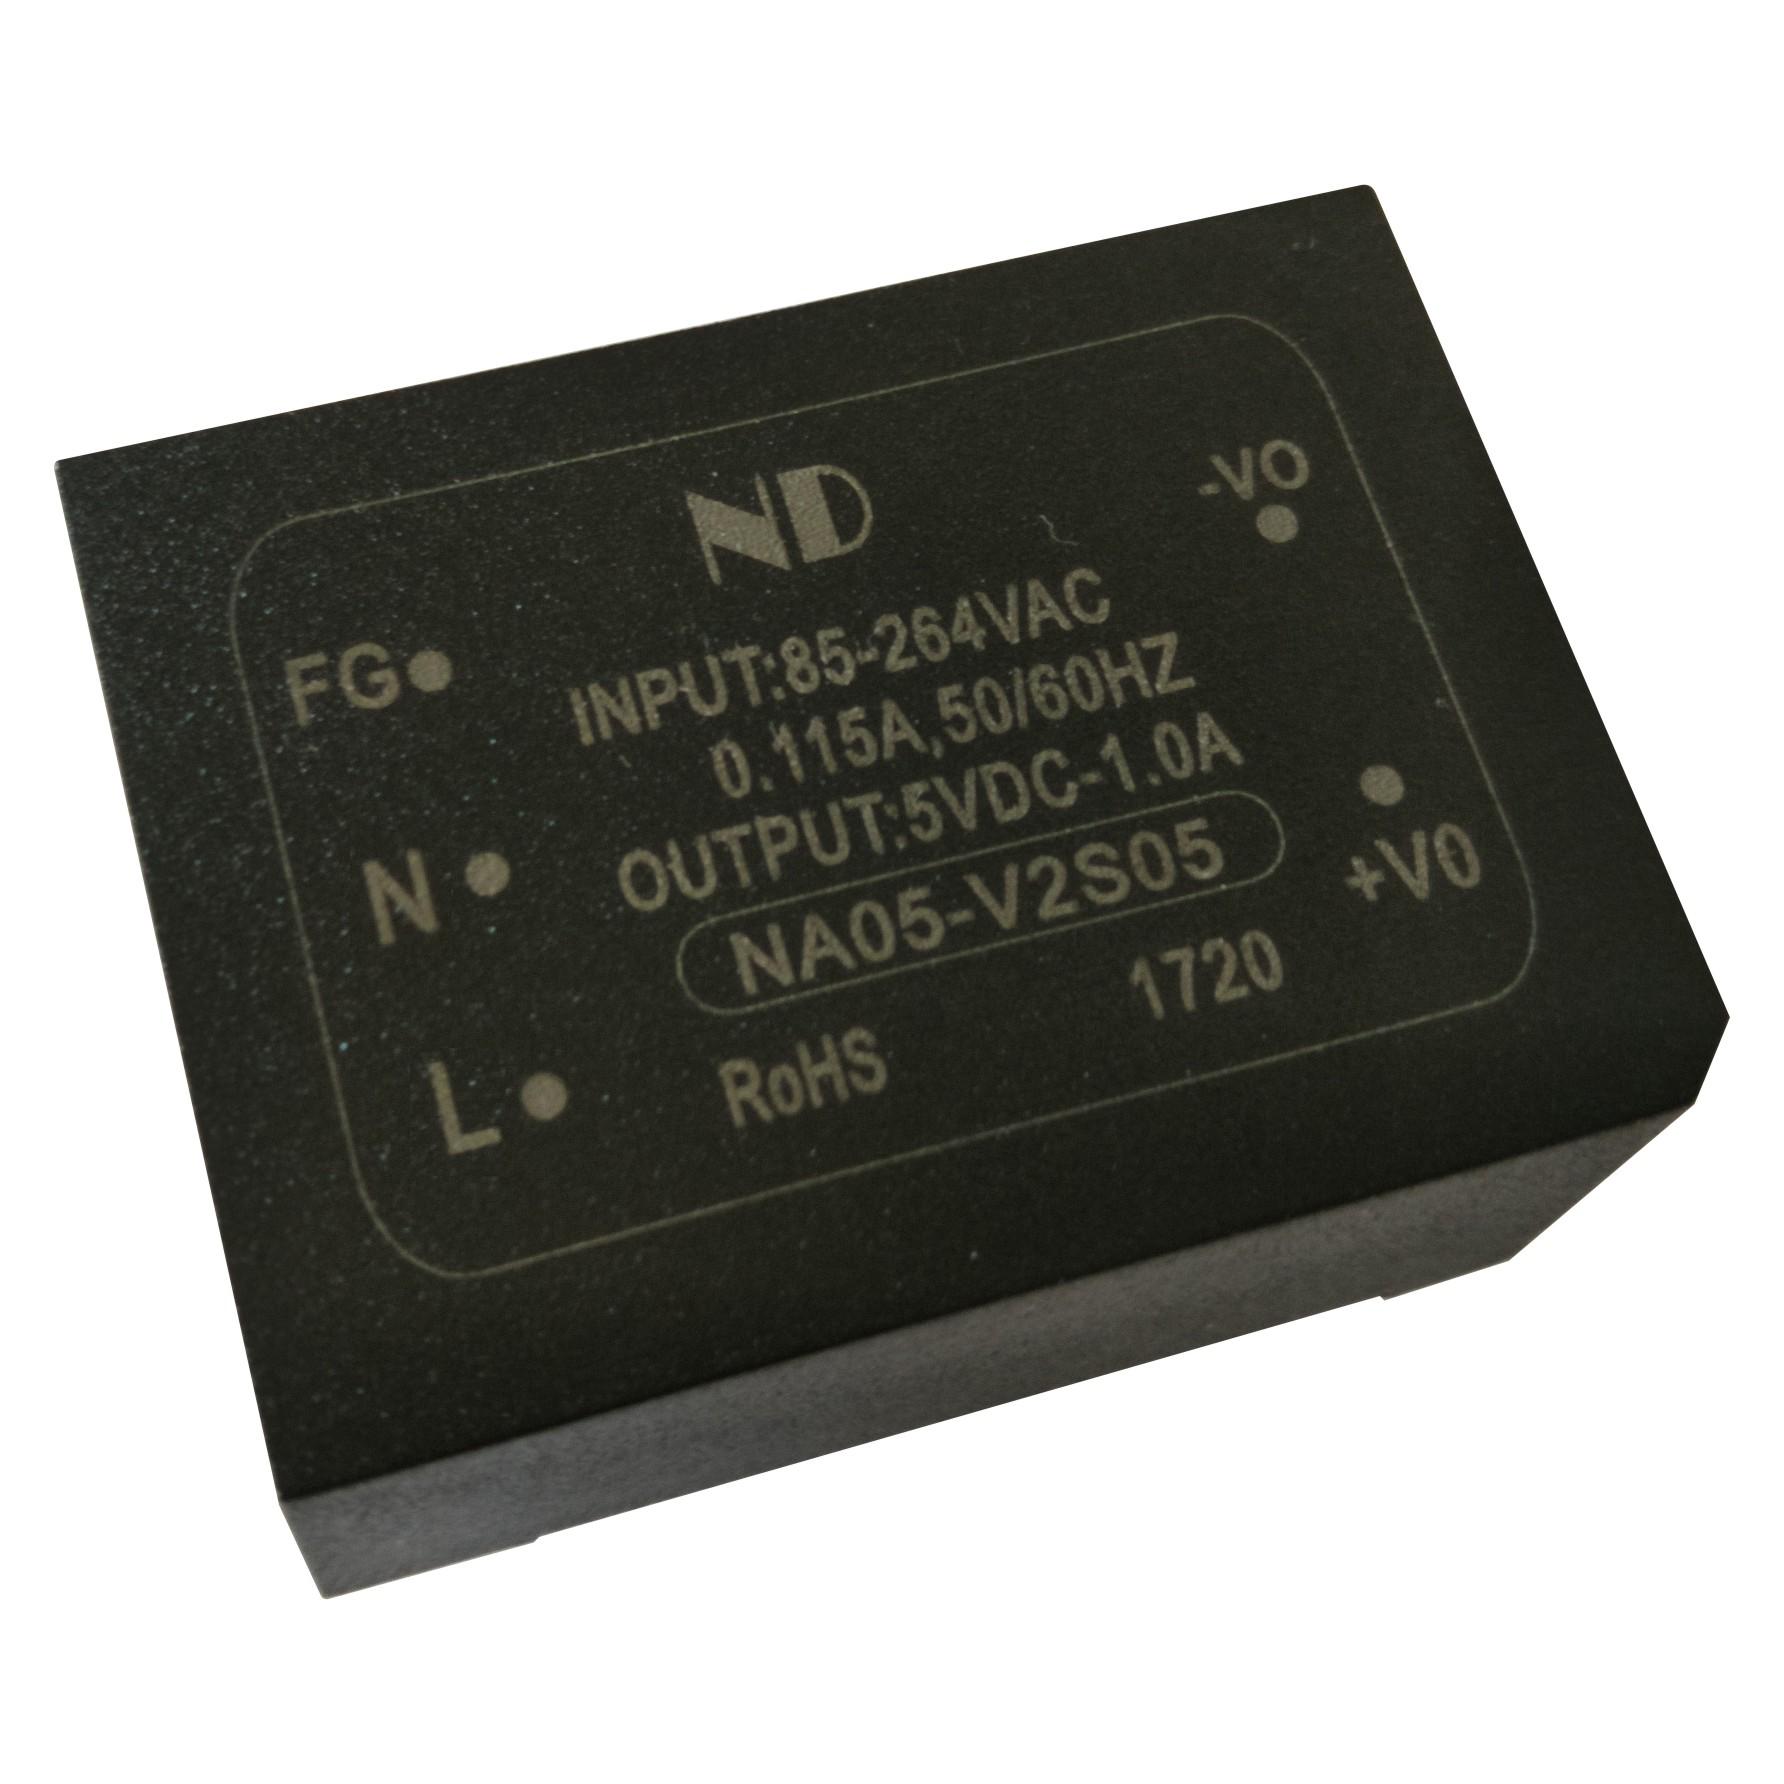 NA10-V2SXX